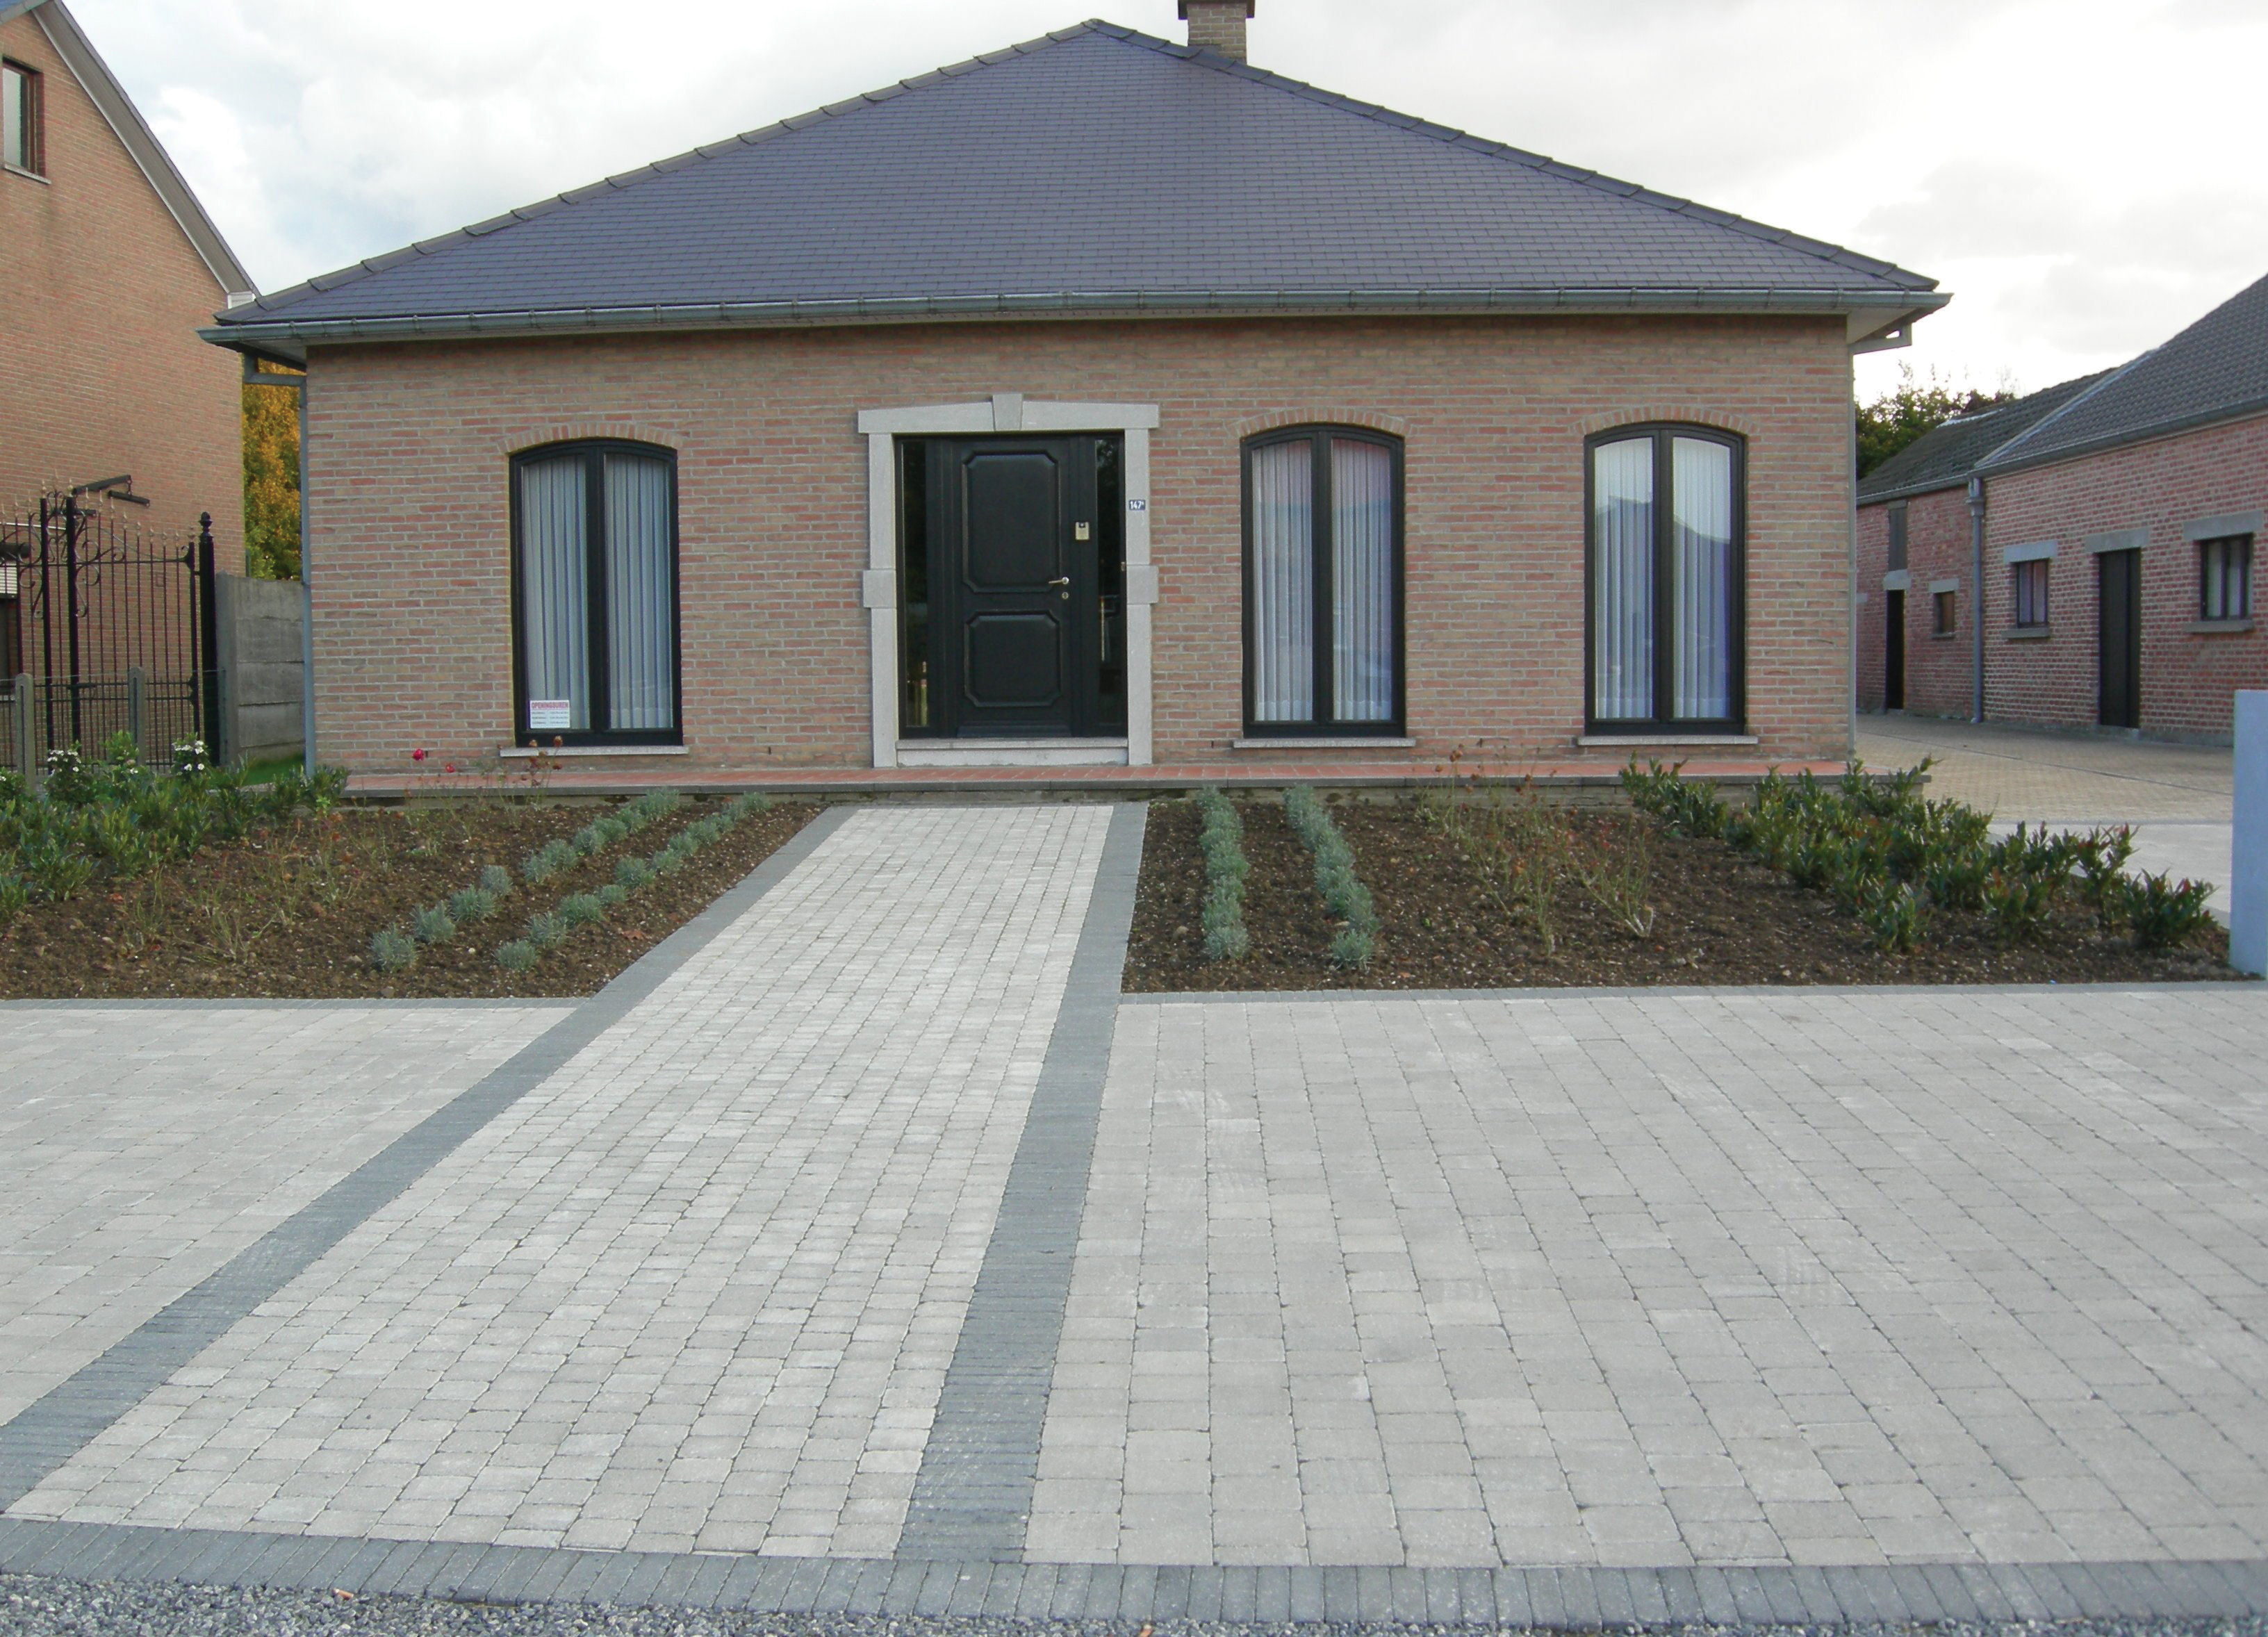 Pavage et dallage de votre terrasse mv carrelage gembloux for Terrasse entree maison